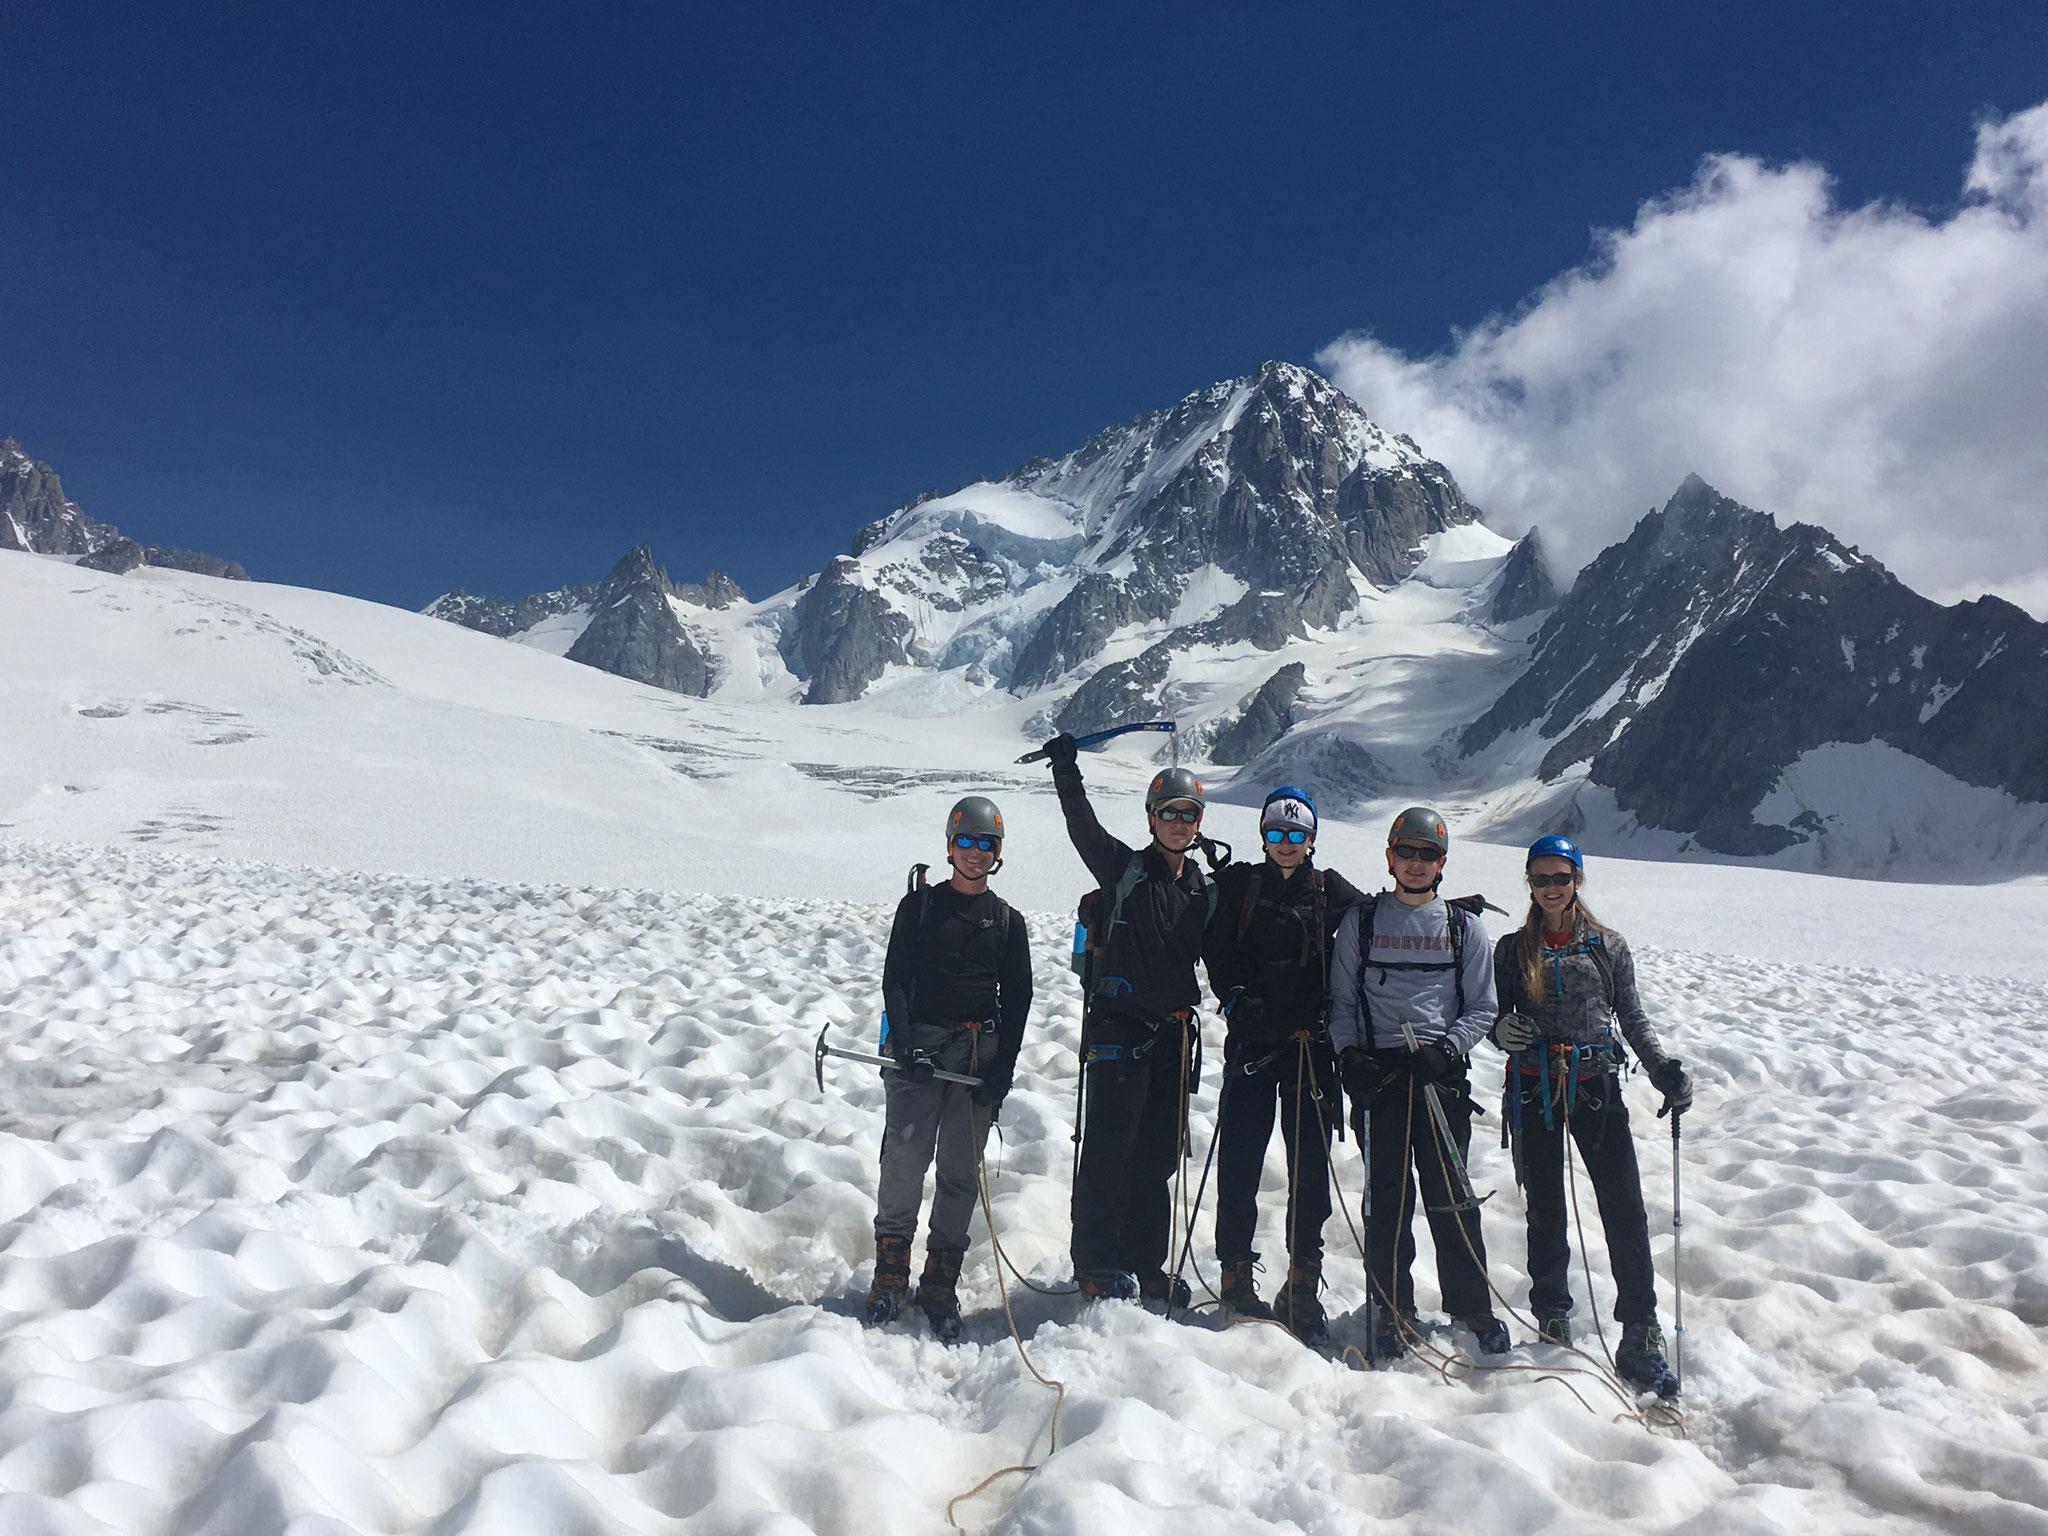 La cordée sur le Glacier du Tour